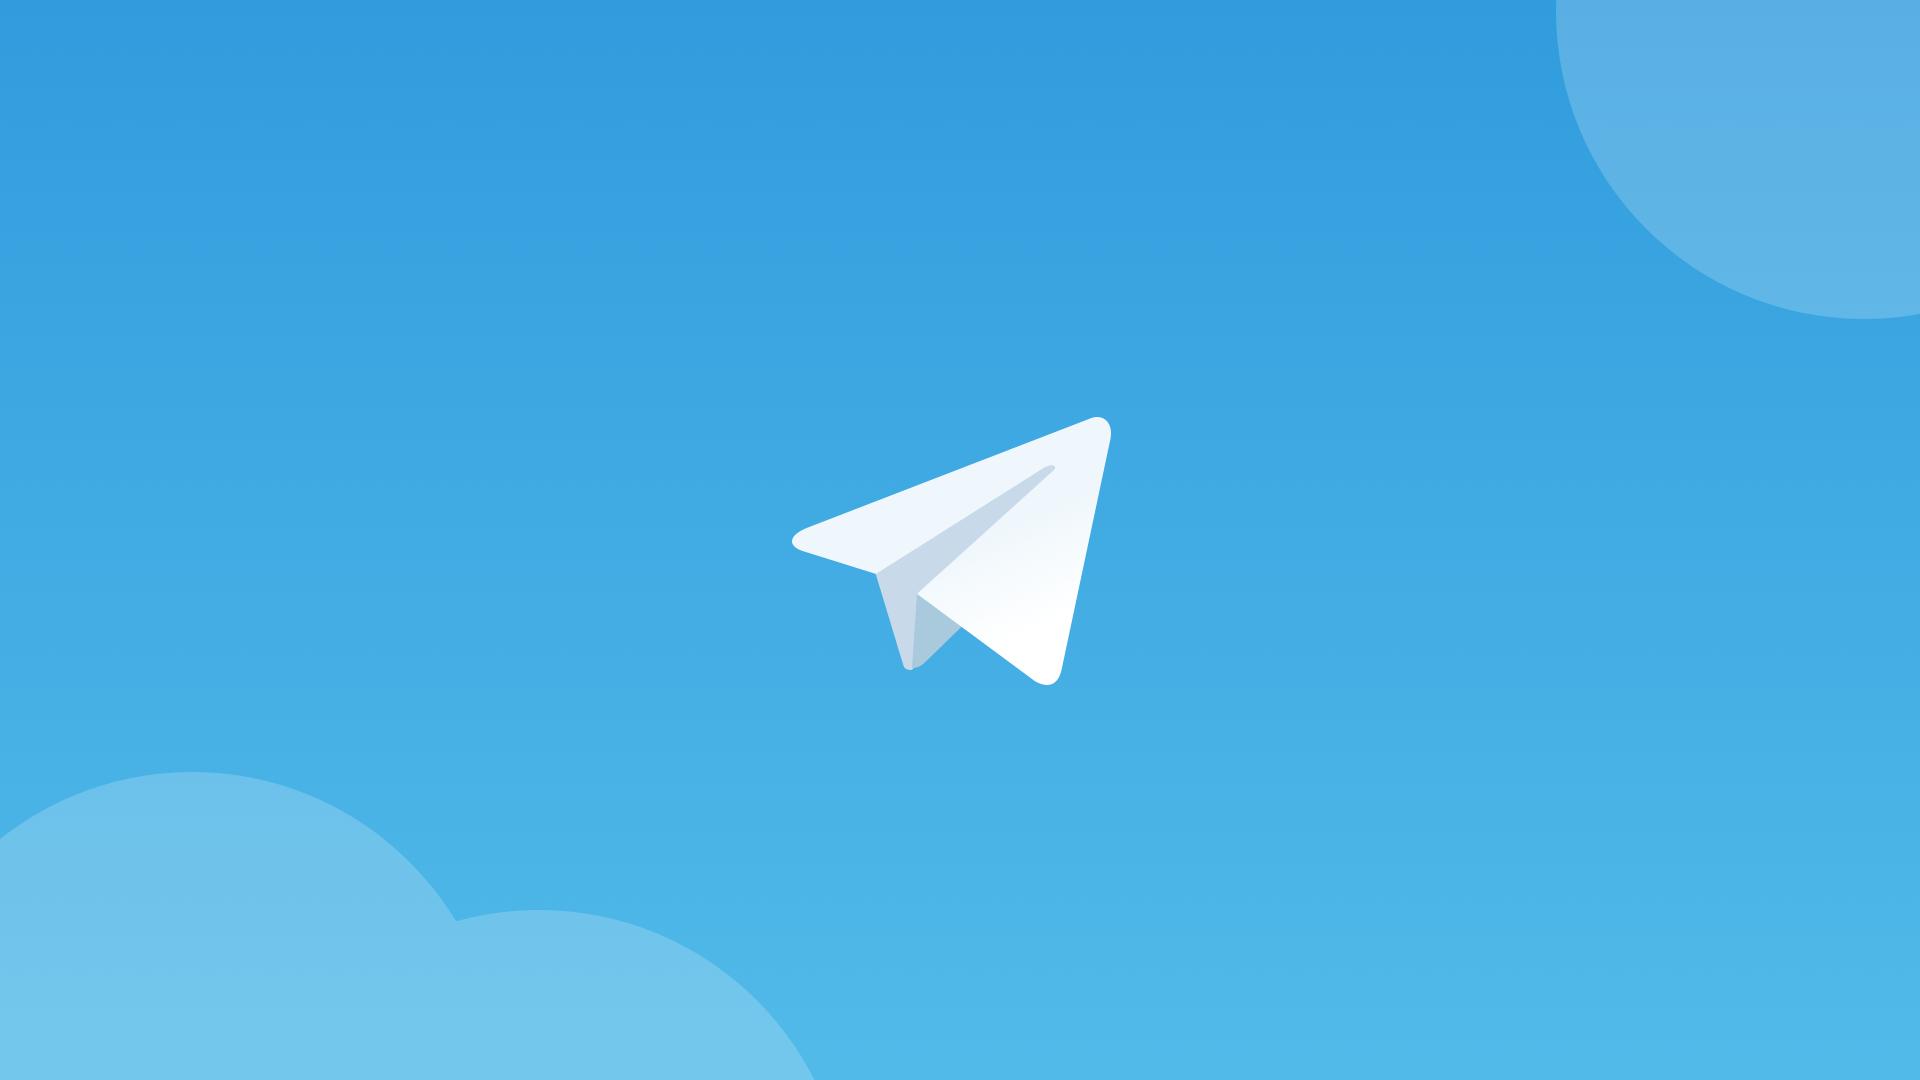 Выбор платформы для чат-ботов под свои проекты - cравнение альтернатив Telegram